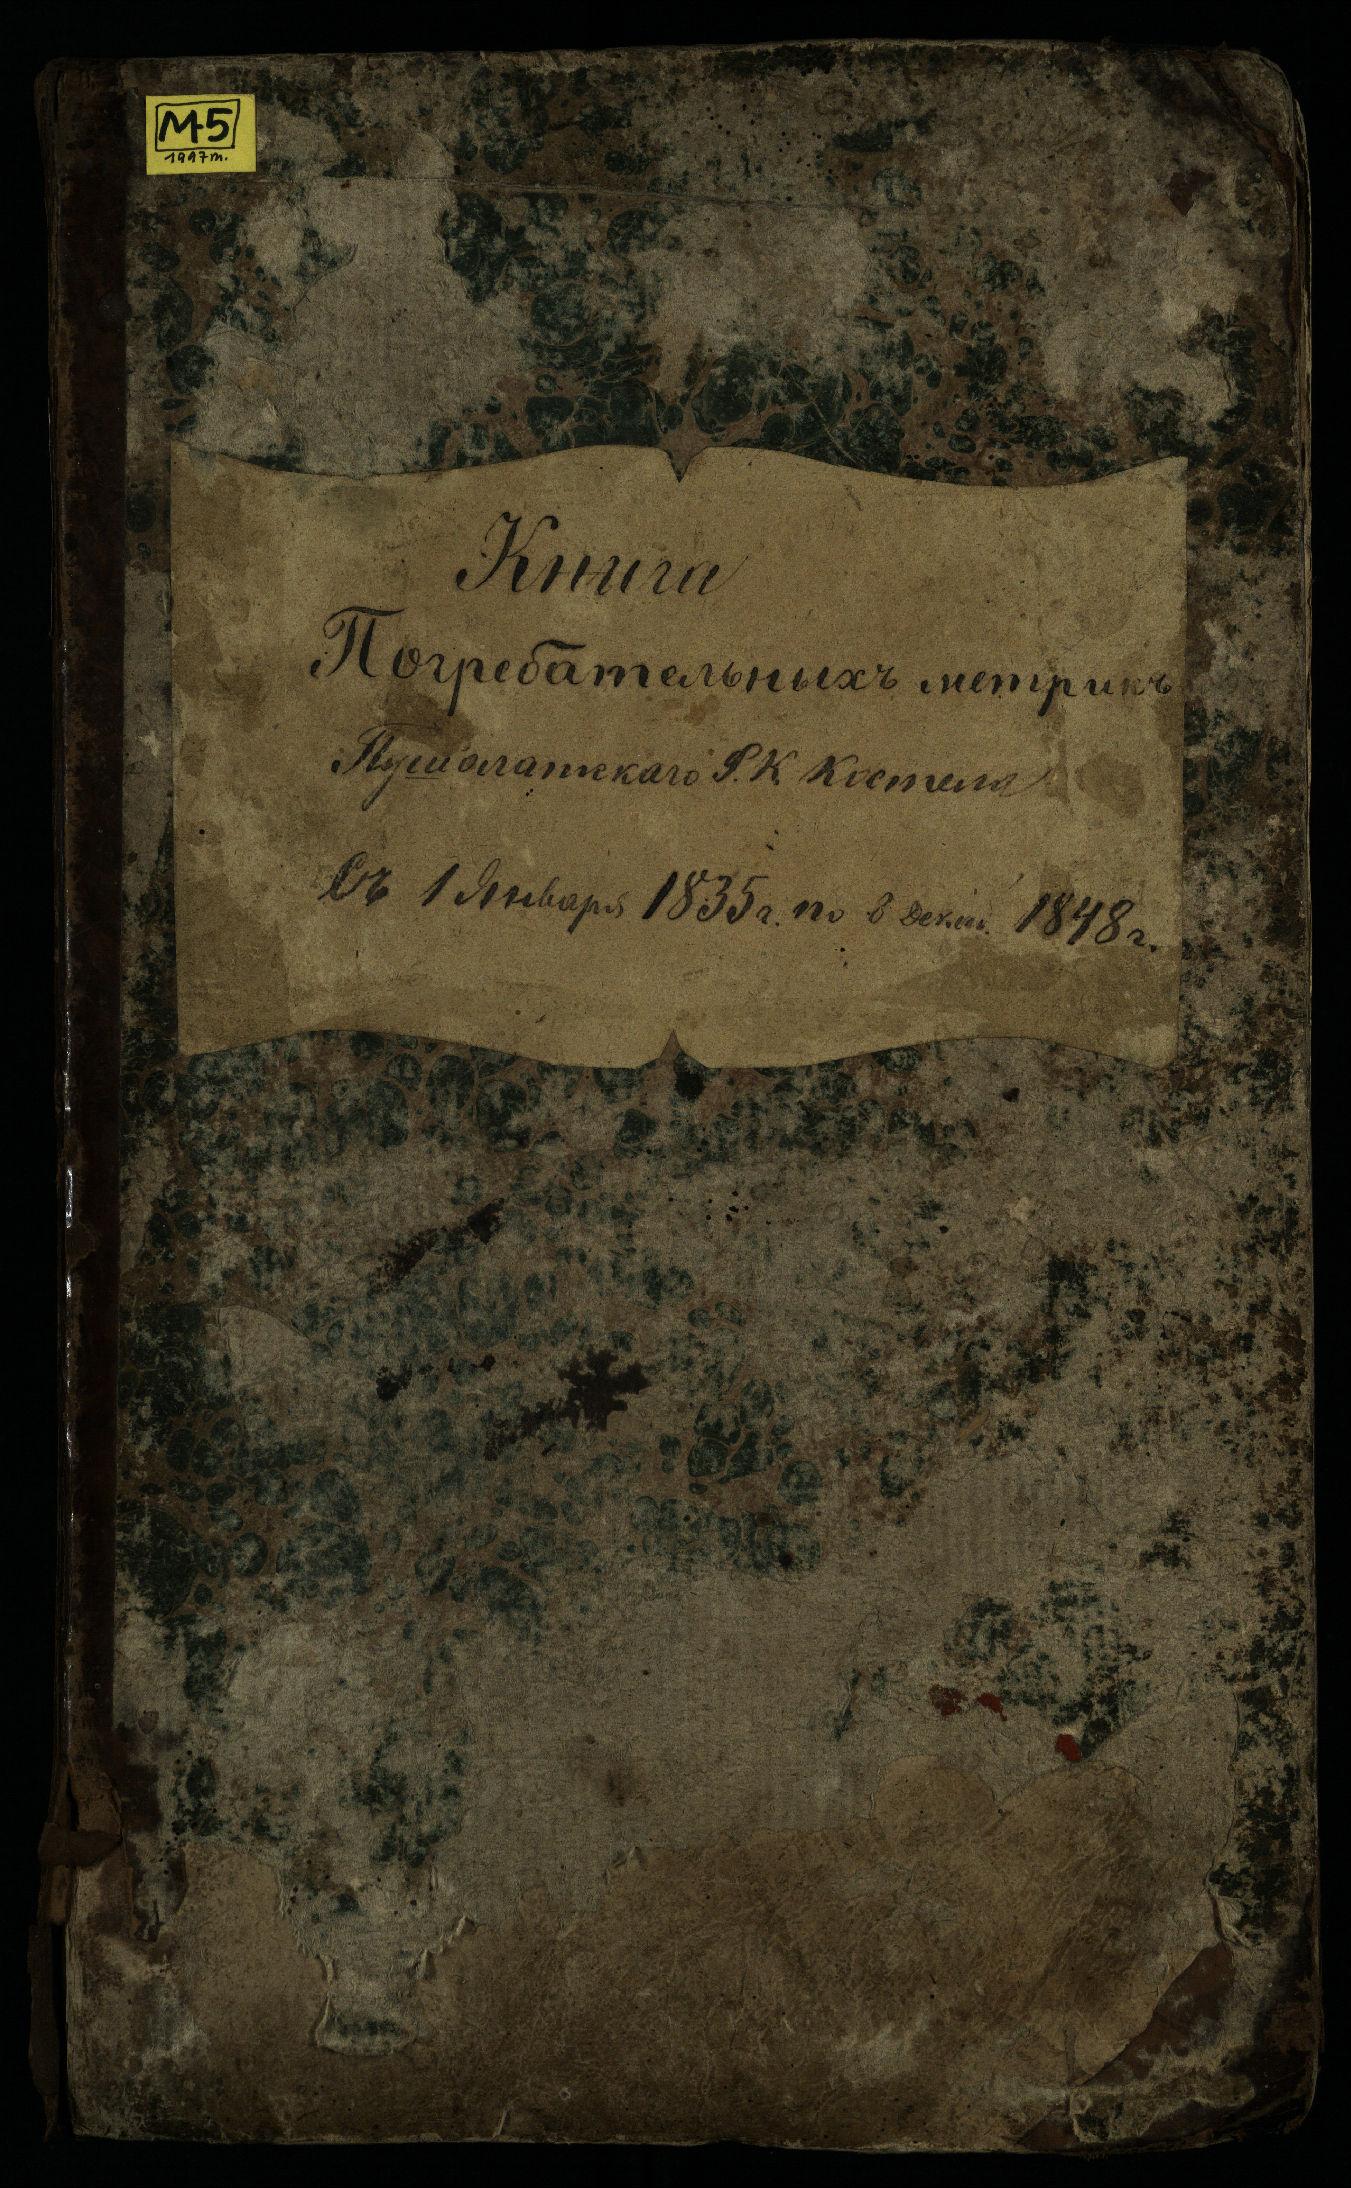 Pušaloto Romos katalikų parapijos bažnyčios 1835–1848 metų mirties metrikų knyga